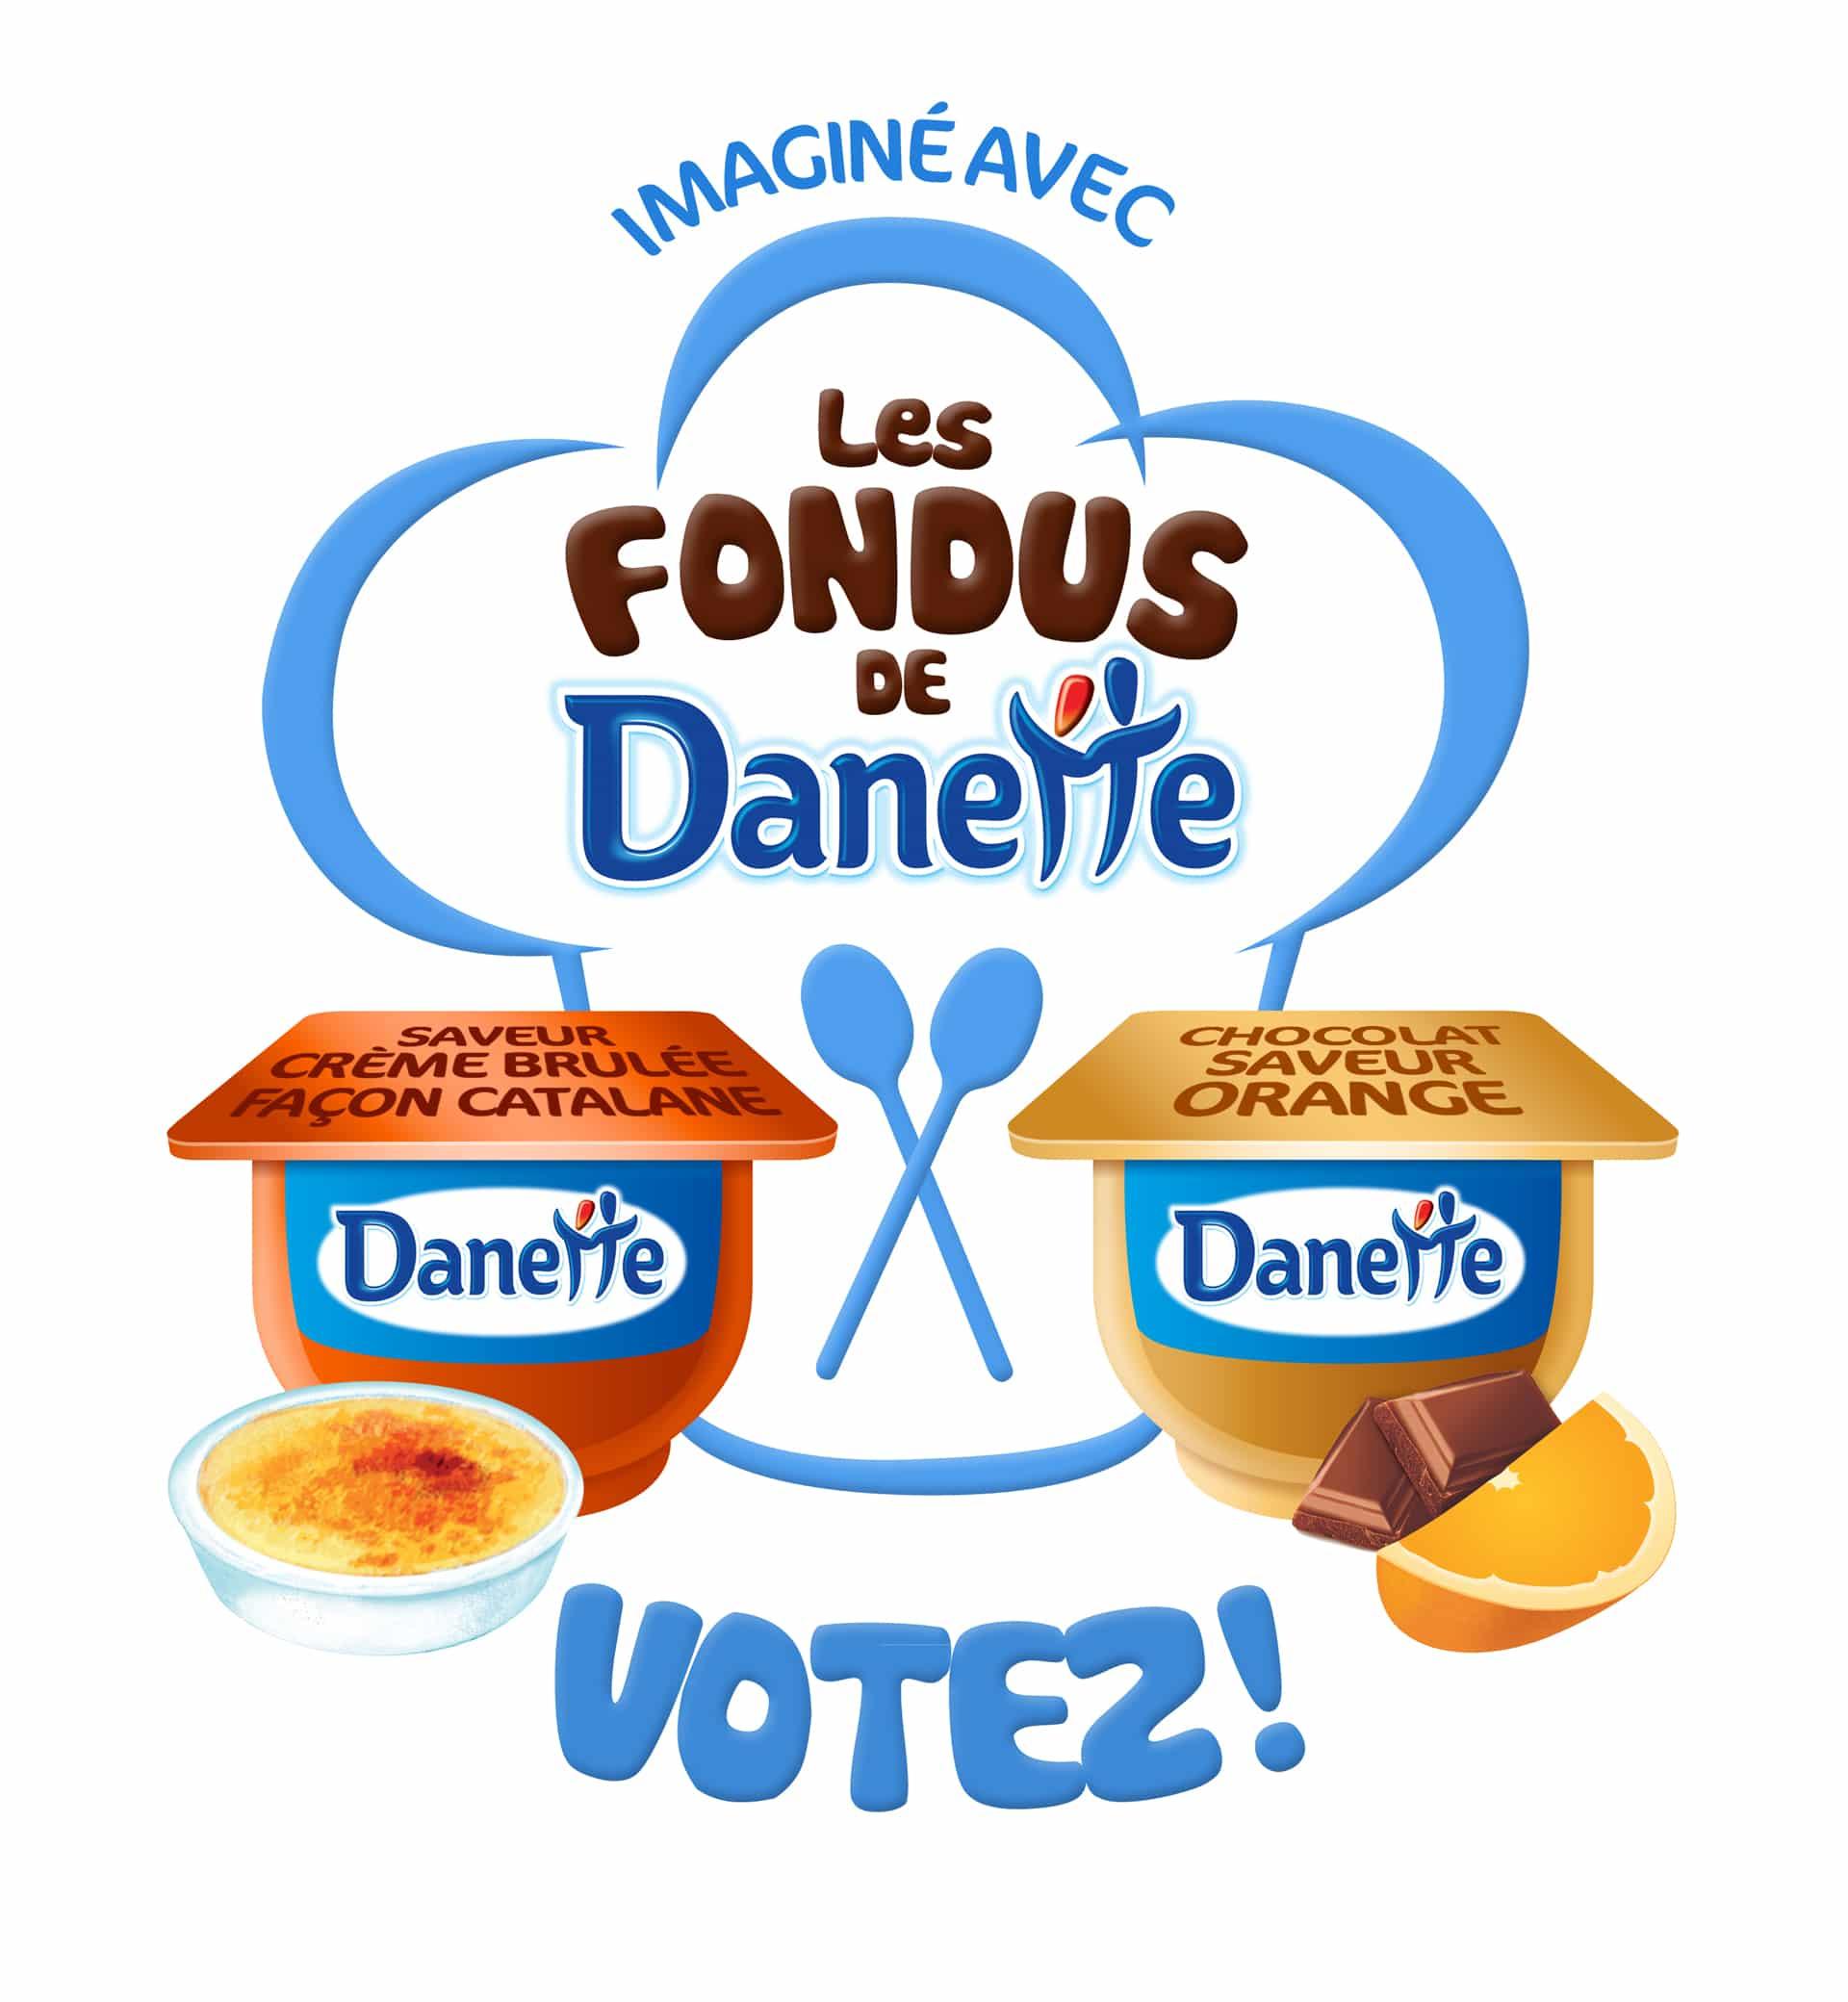 Danette vote 2012